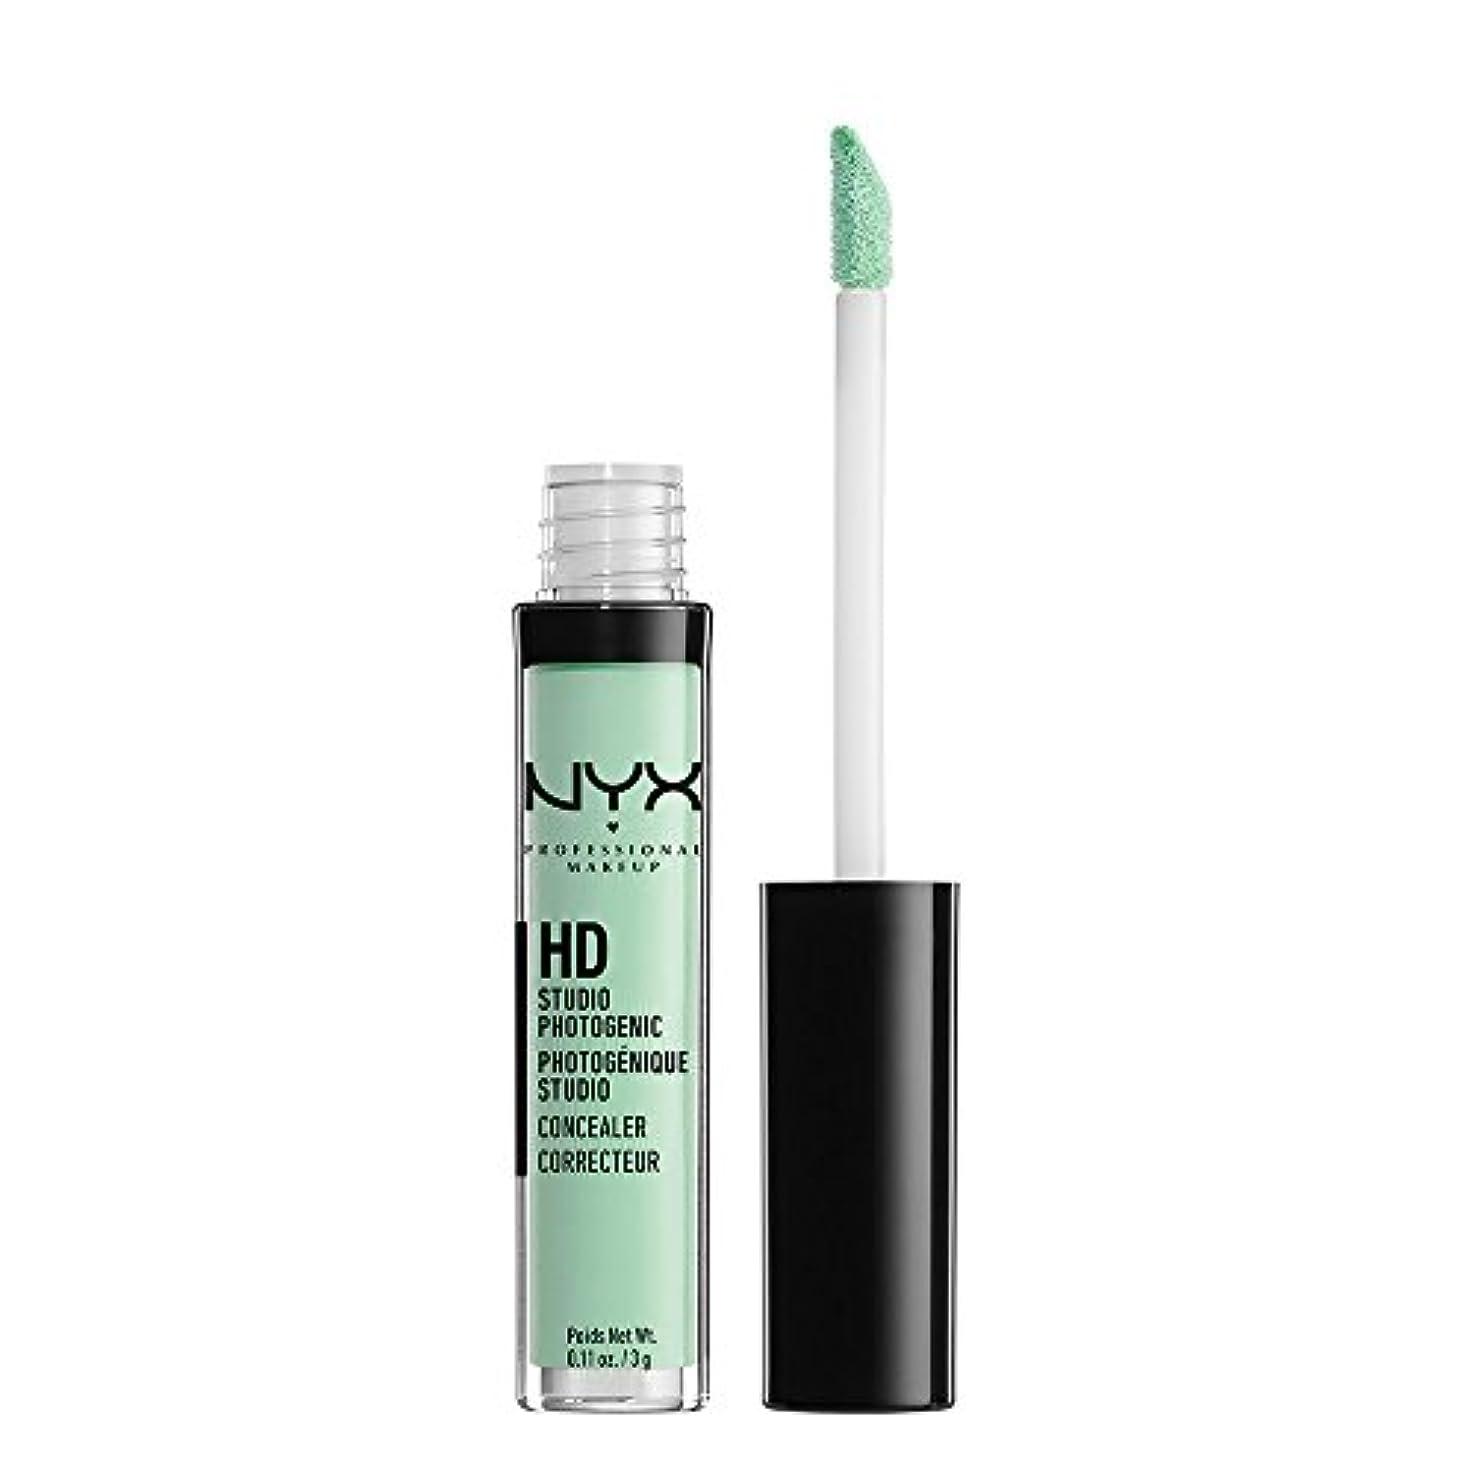 音楽を聴く強い不利益NYX(ニックス) コンシーラー ワンド 12 カラーグリーン